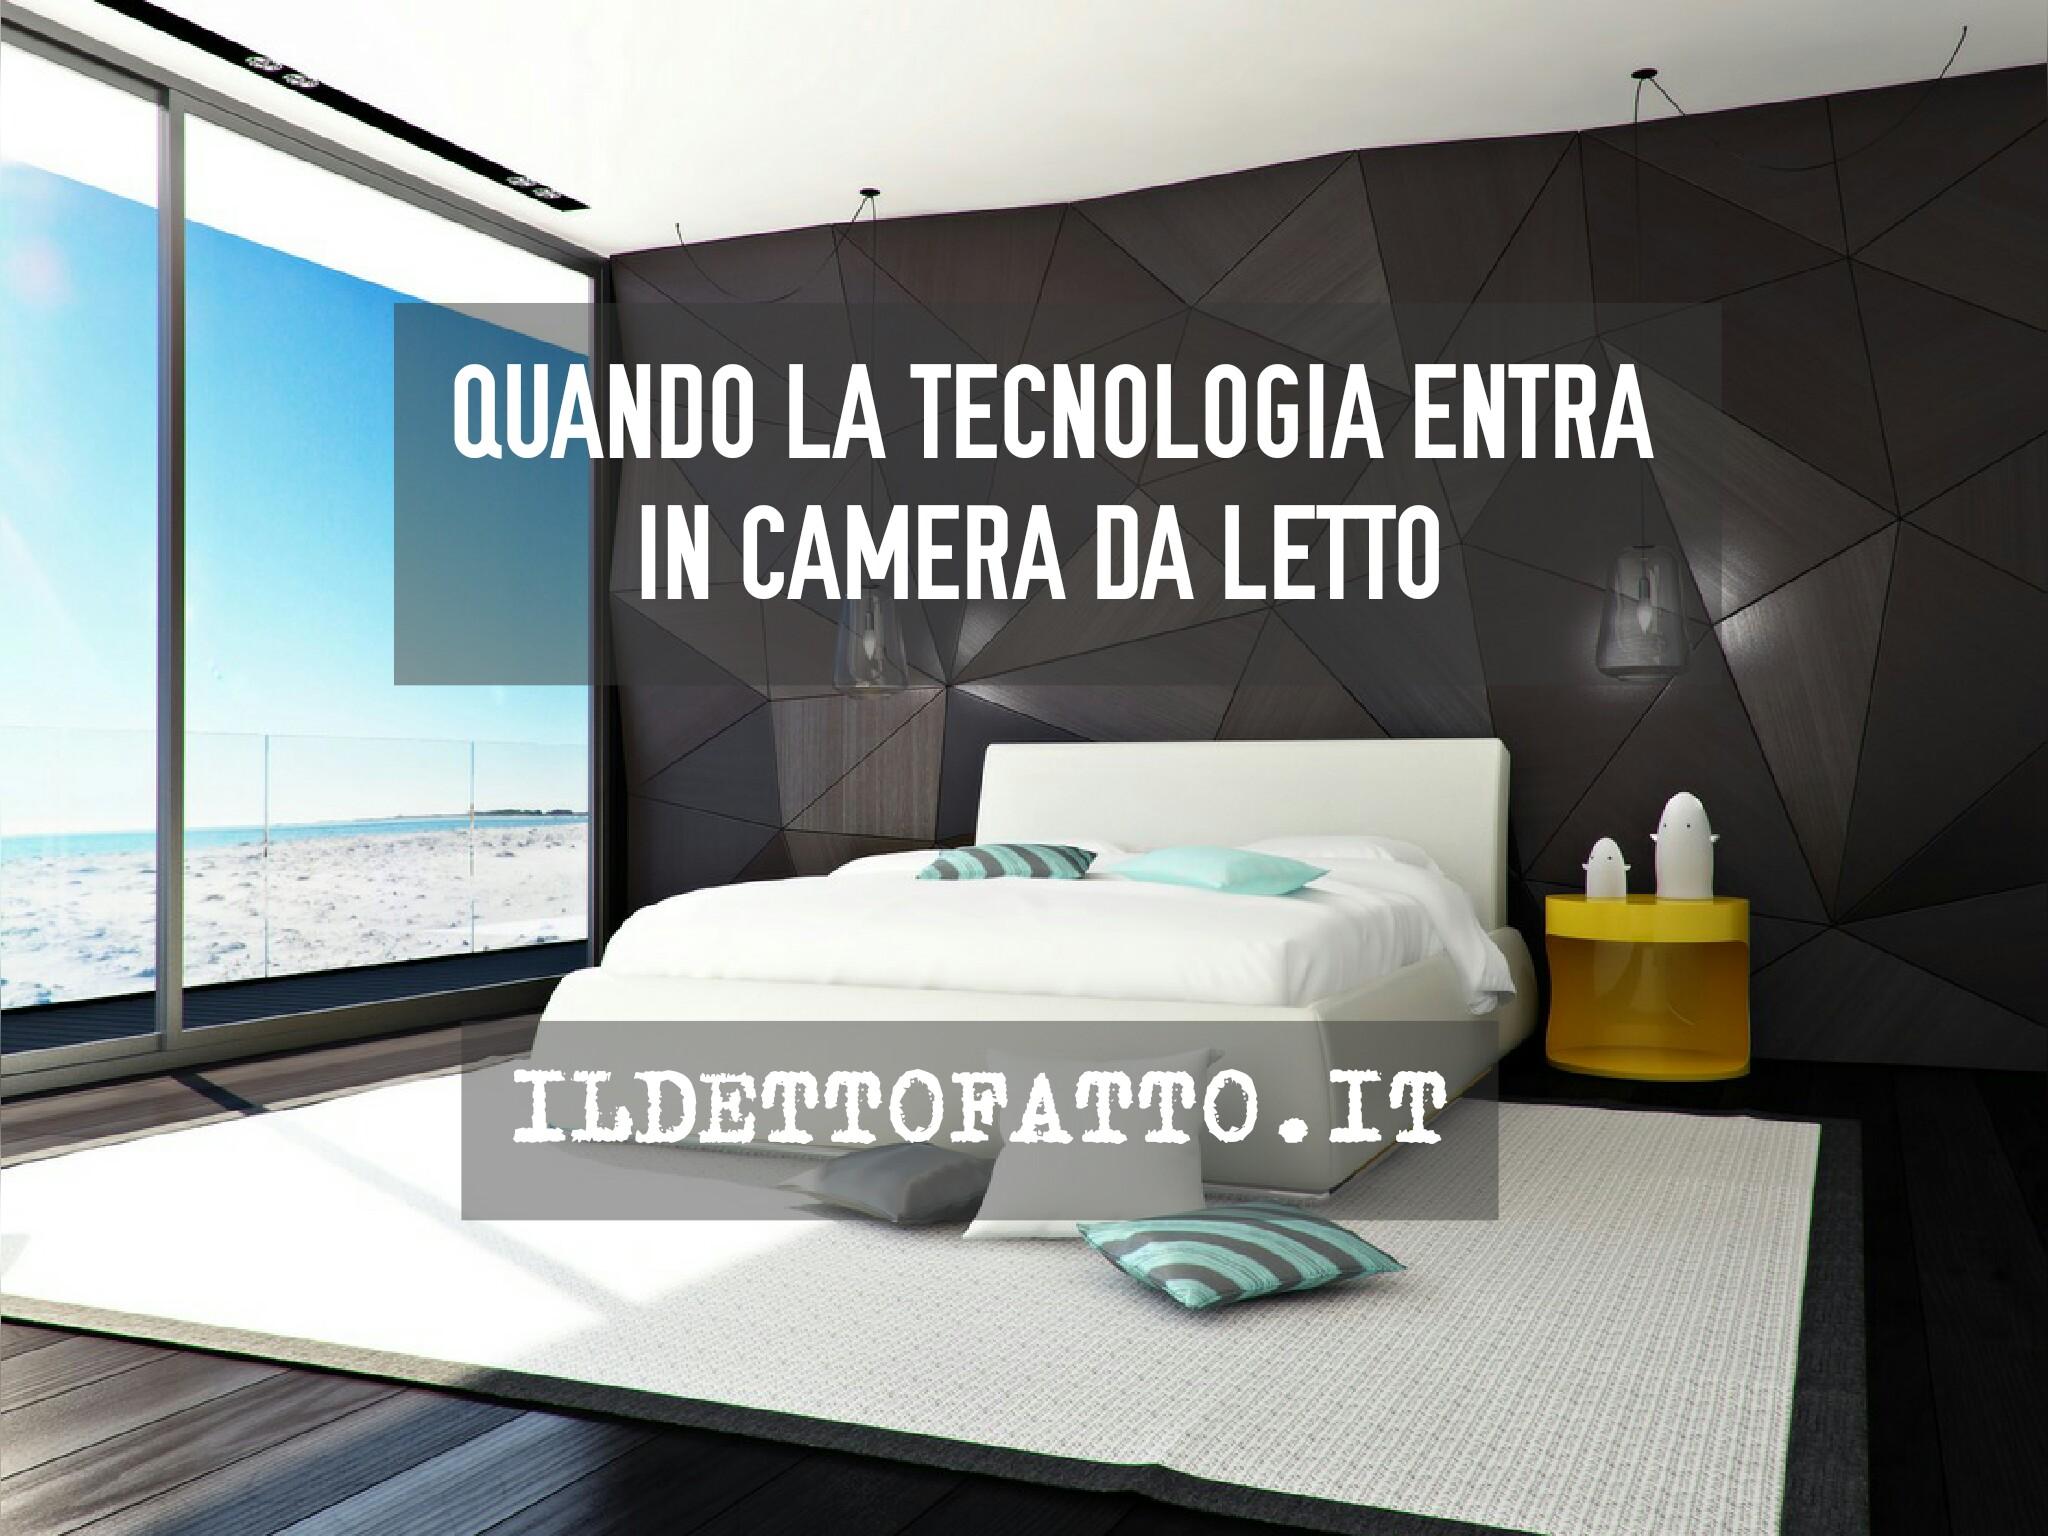 Quando la tecnologia entra in camera da letto.